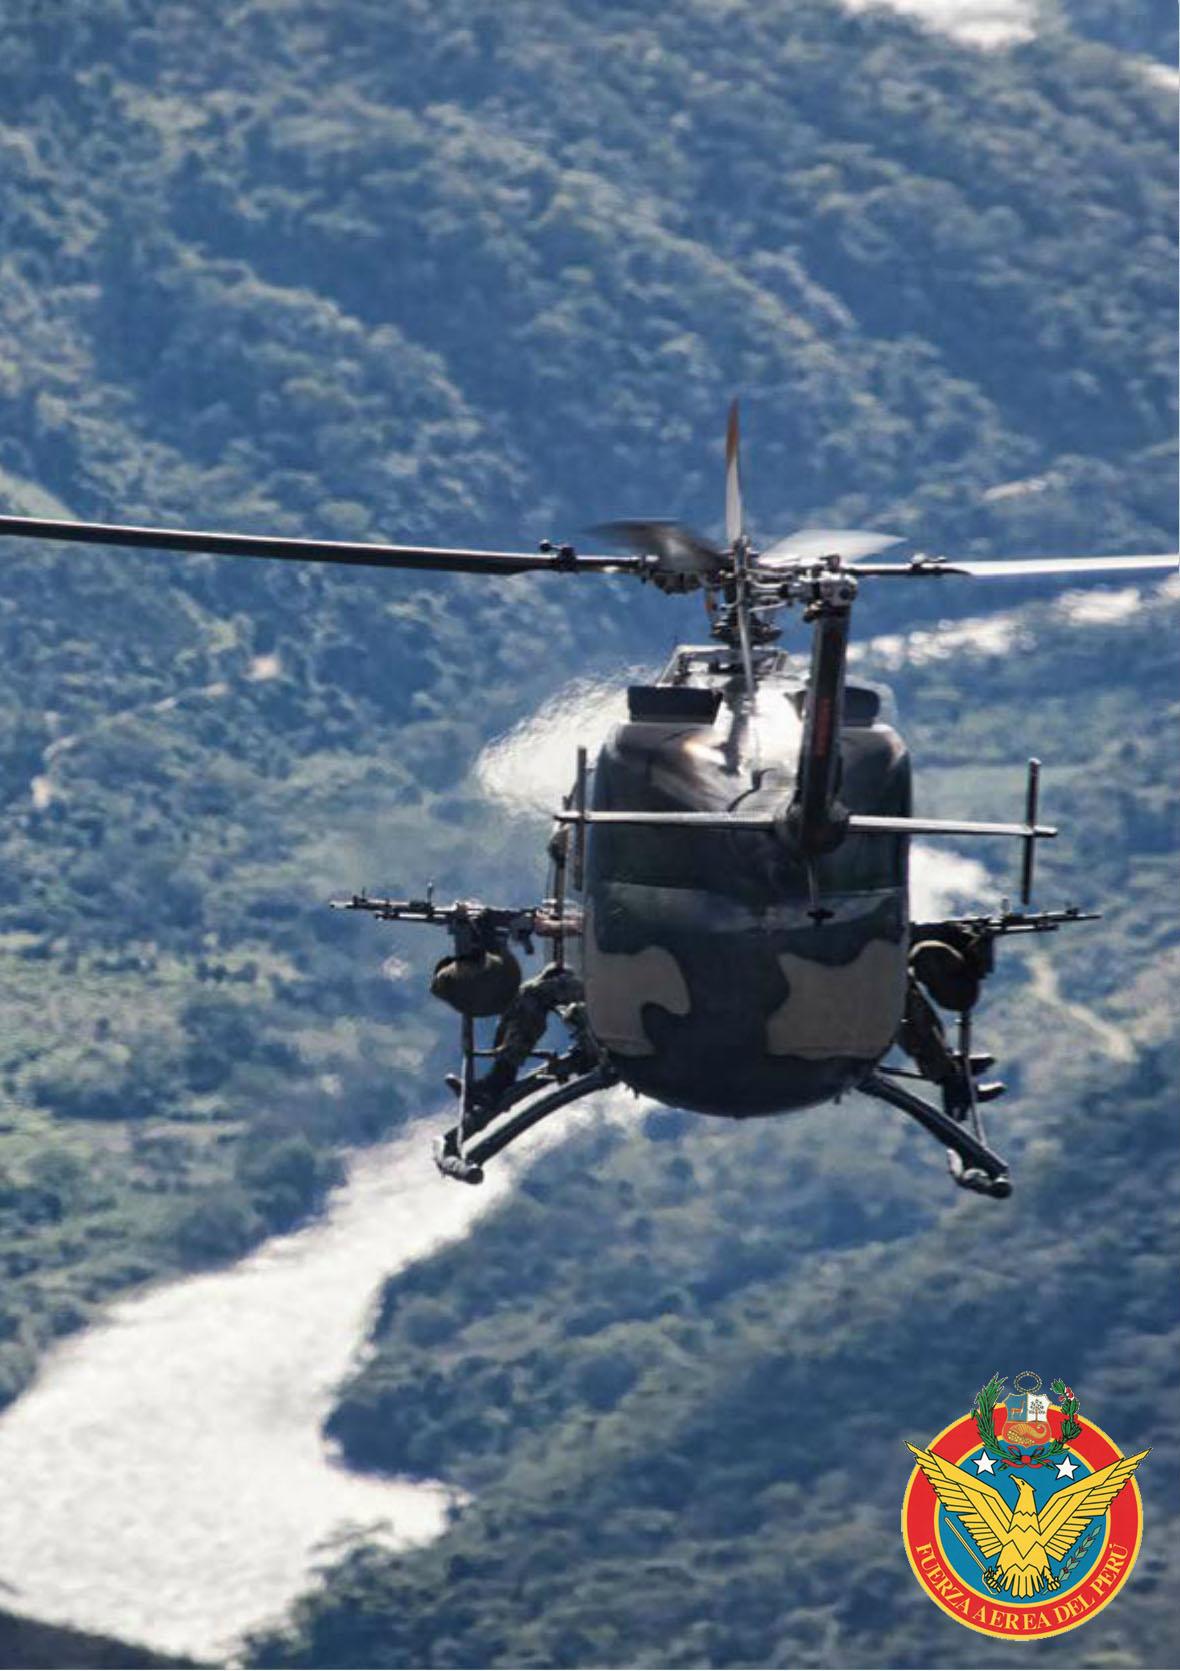 Peru - Página 3 1_Helicoptero_artillado_FAP_2_copia